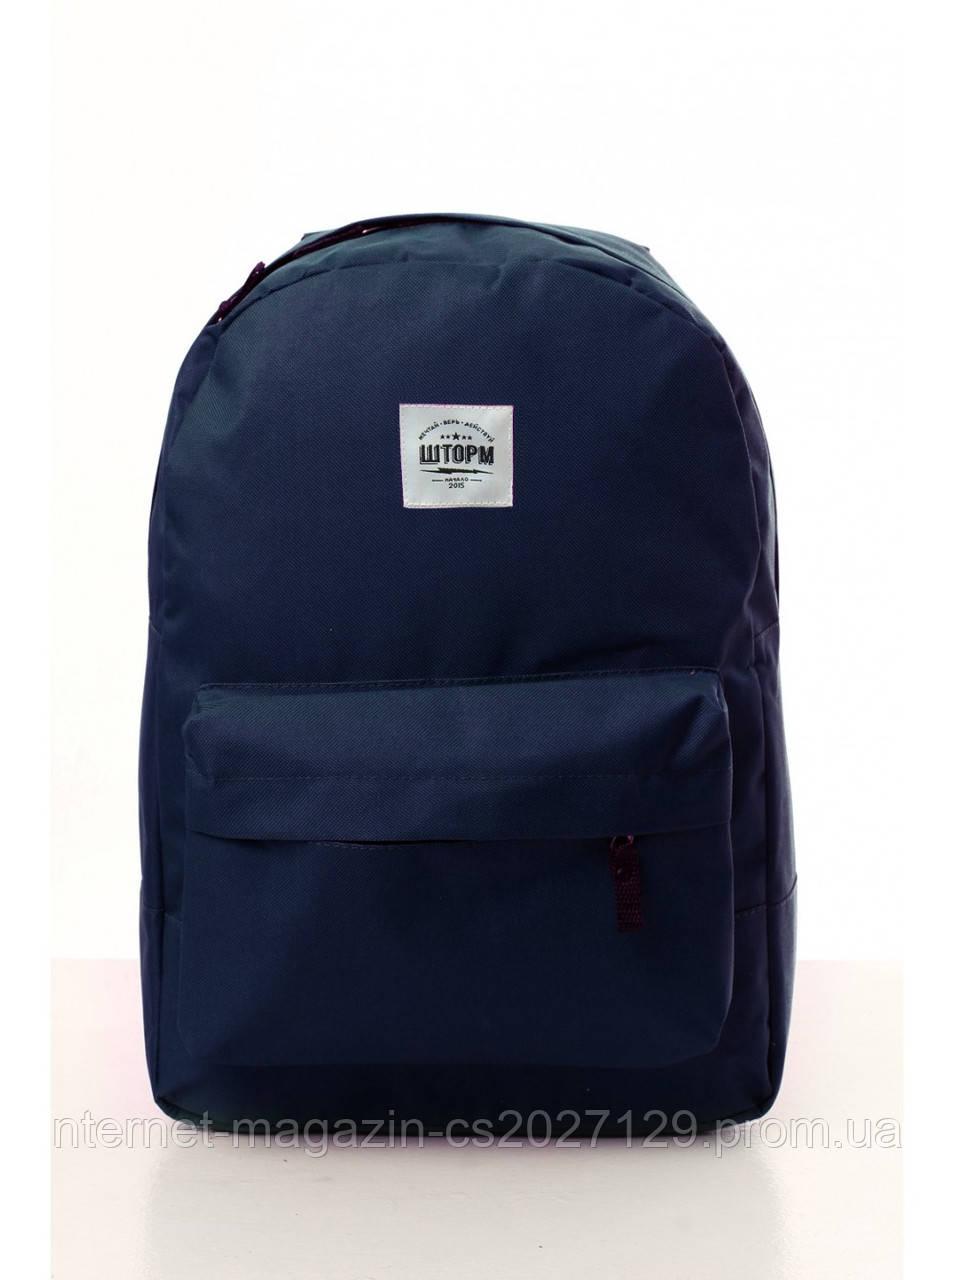 """Городской рюкзак темно-синего цвета """"Классик Шторм"""""""